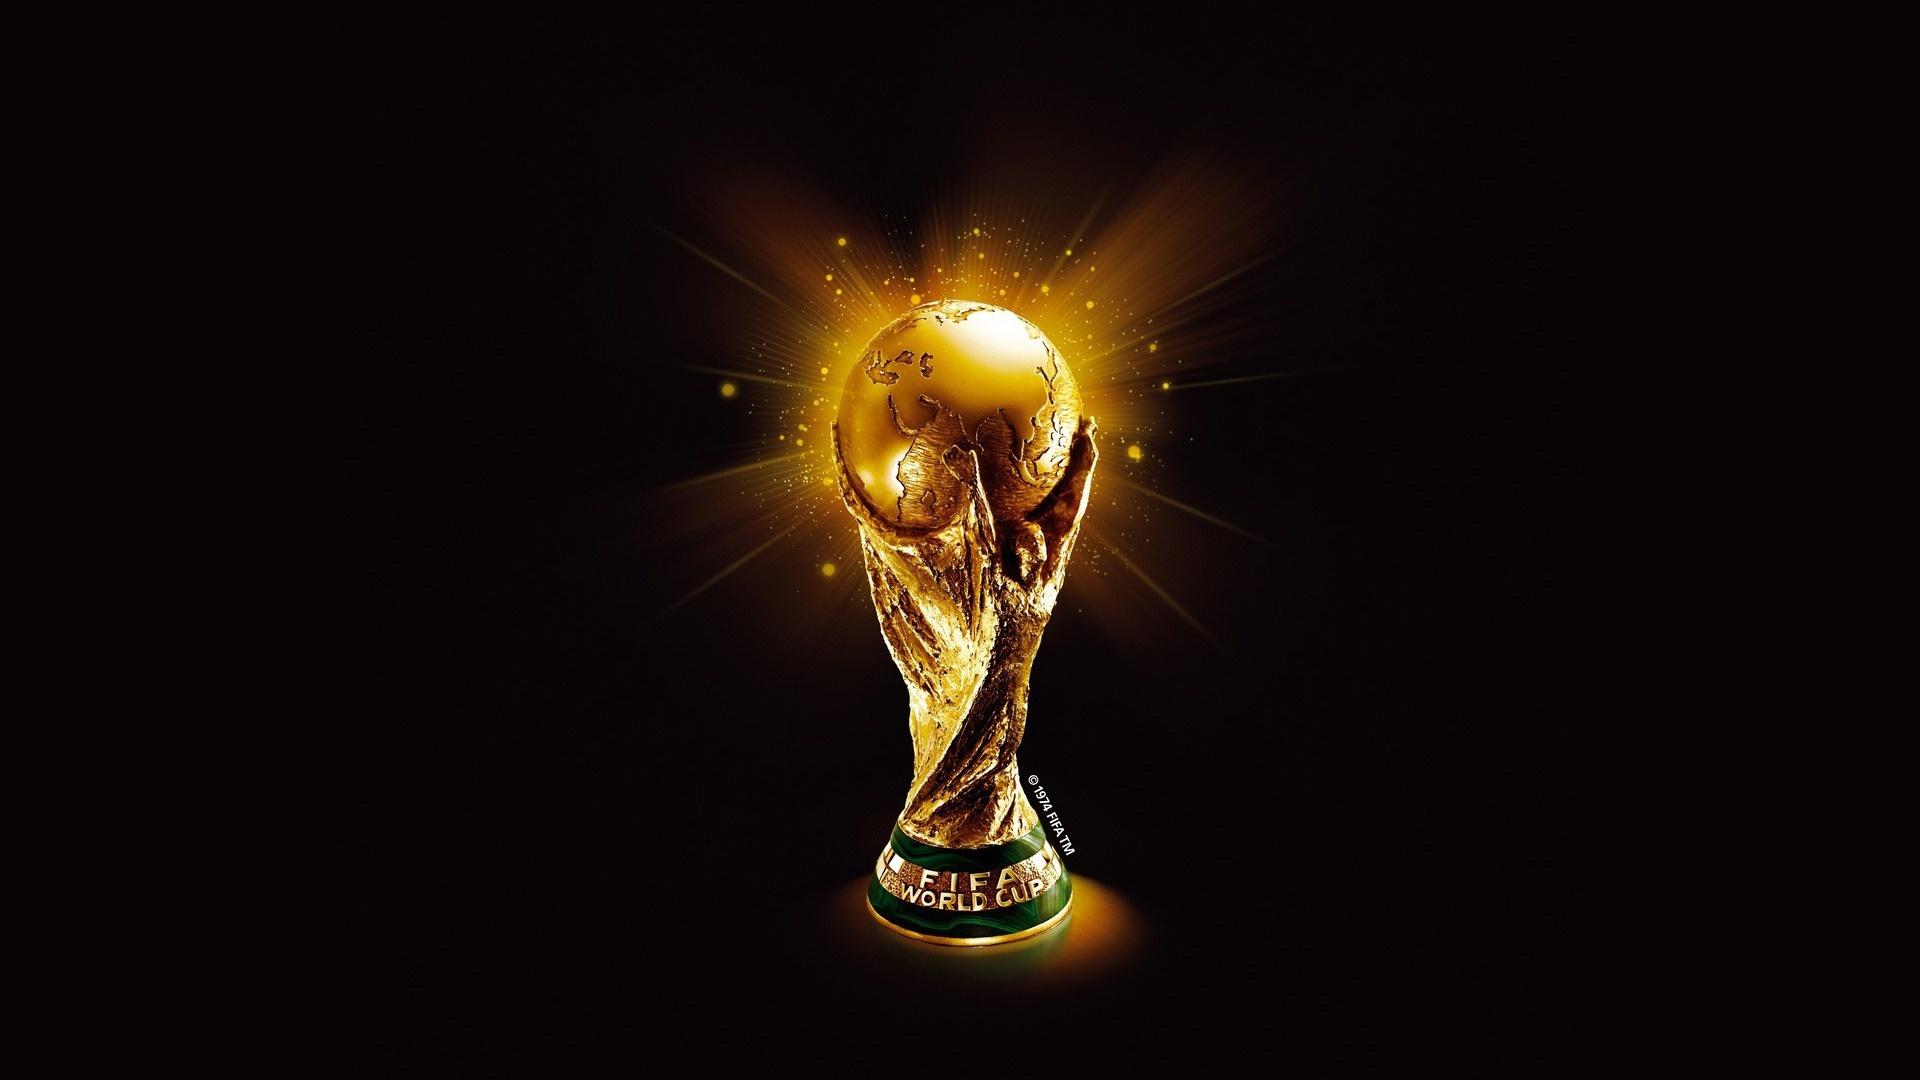 FIFA World Cup | Kaggle